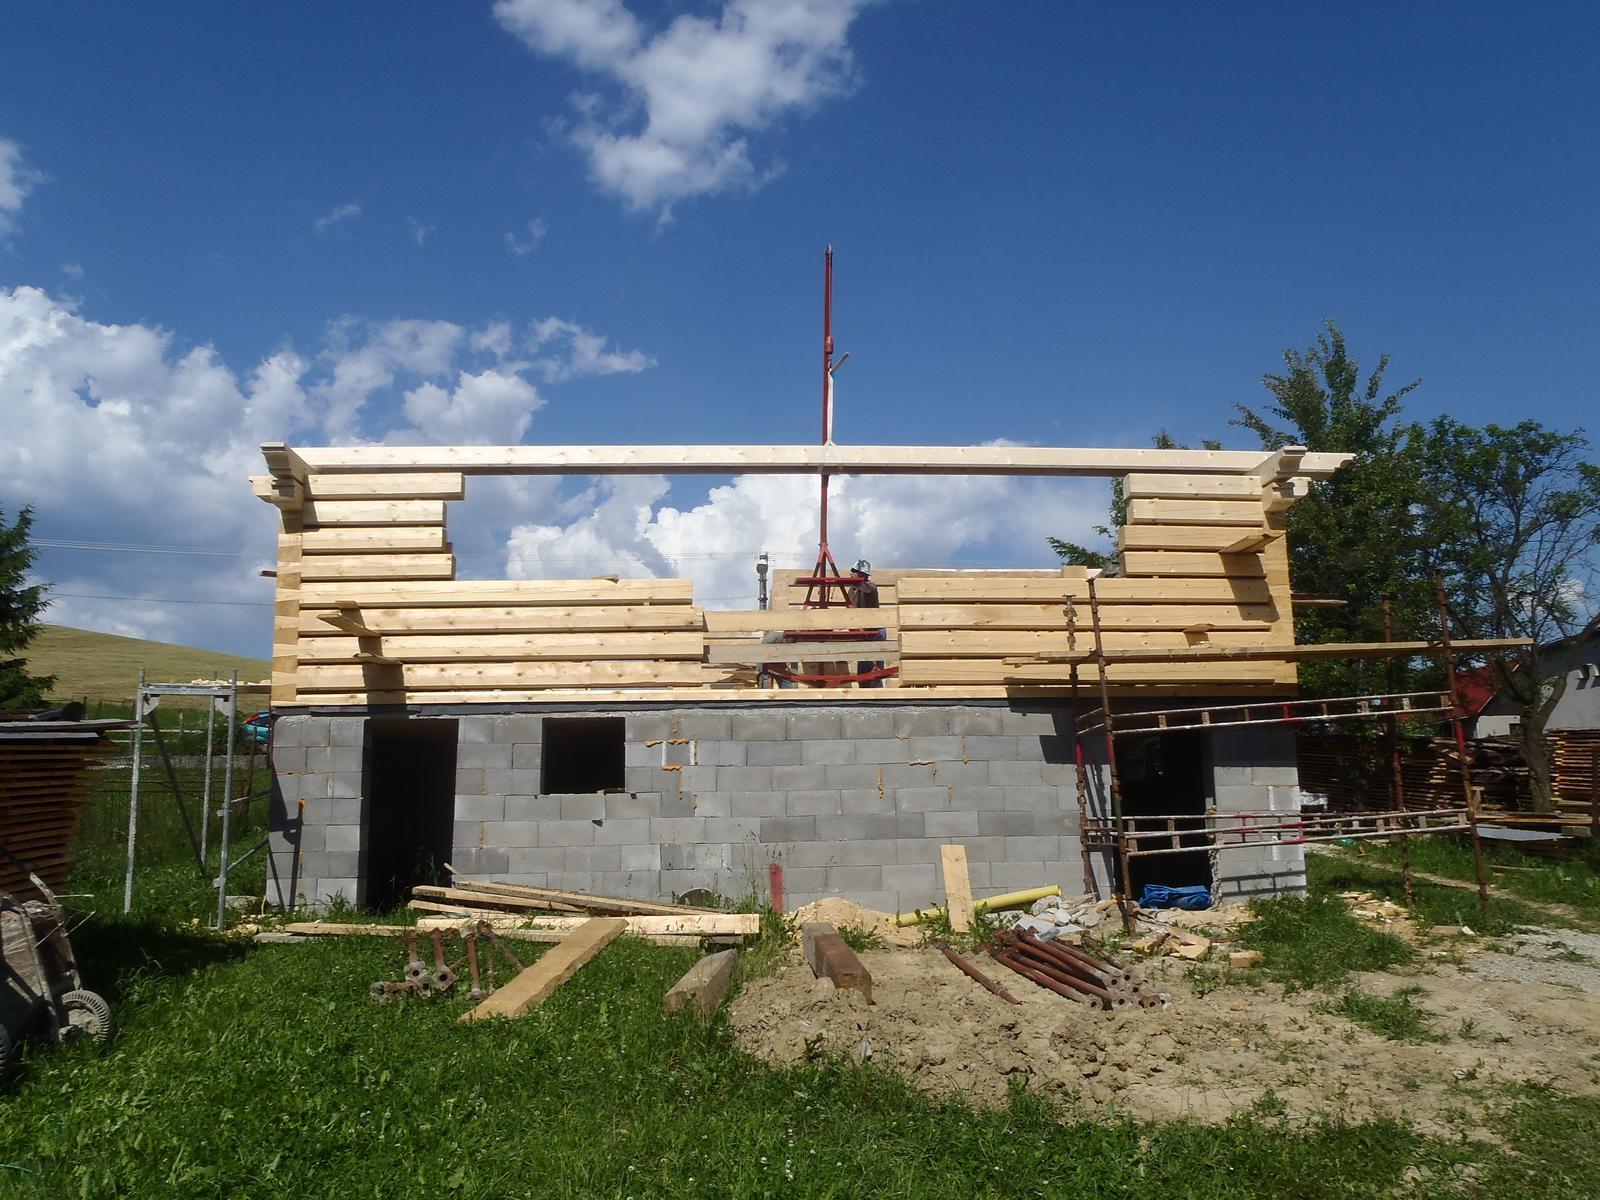 Náš veľký sen o drevenom domčeku! - Obrázok č. 85